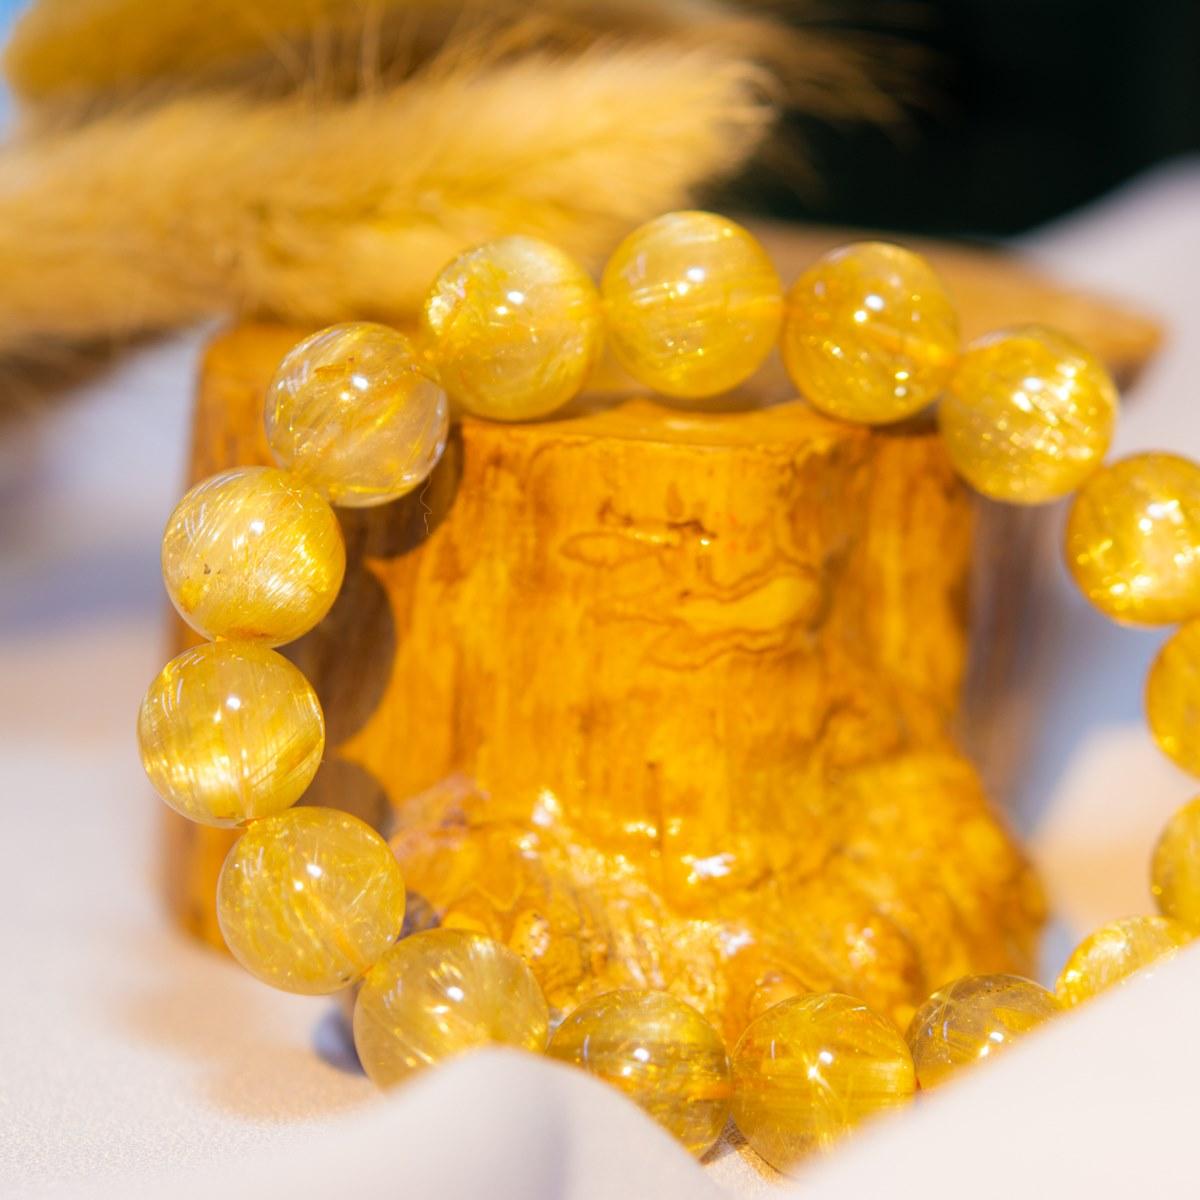 Chuỗi vòng tay Thạch anh tóc vàng tăng cường năng lượng tích cực cho tình yêu và hôn nhân